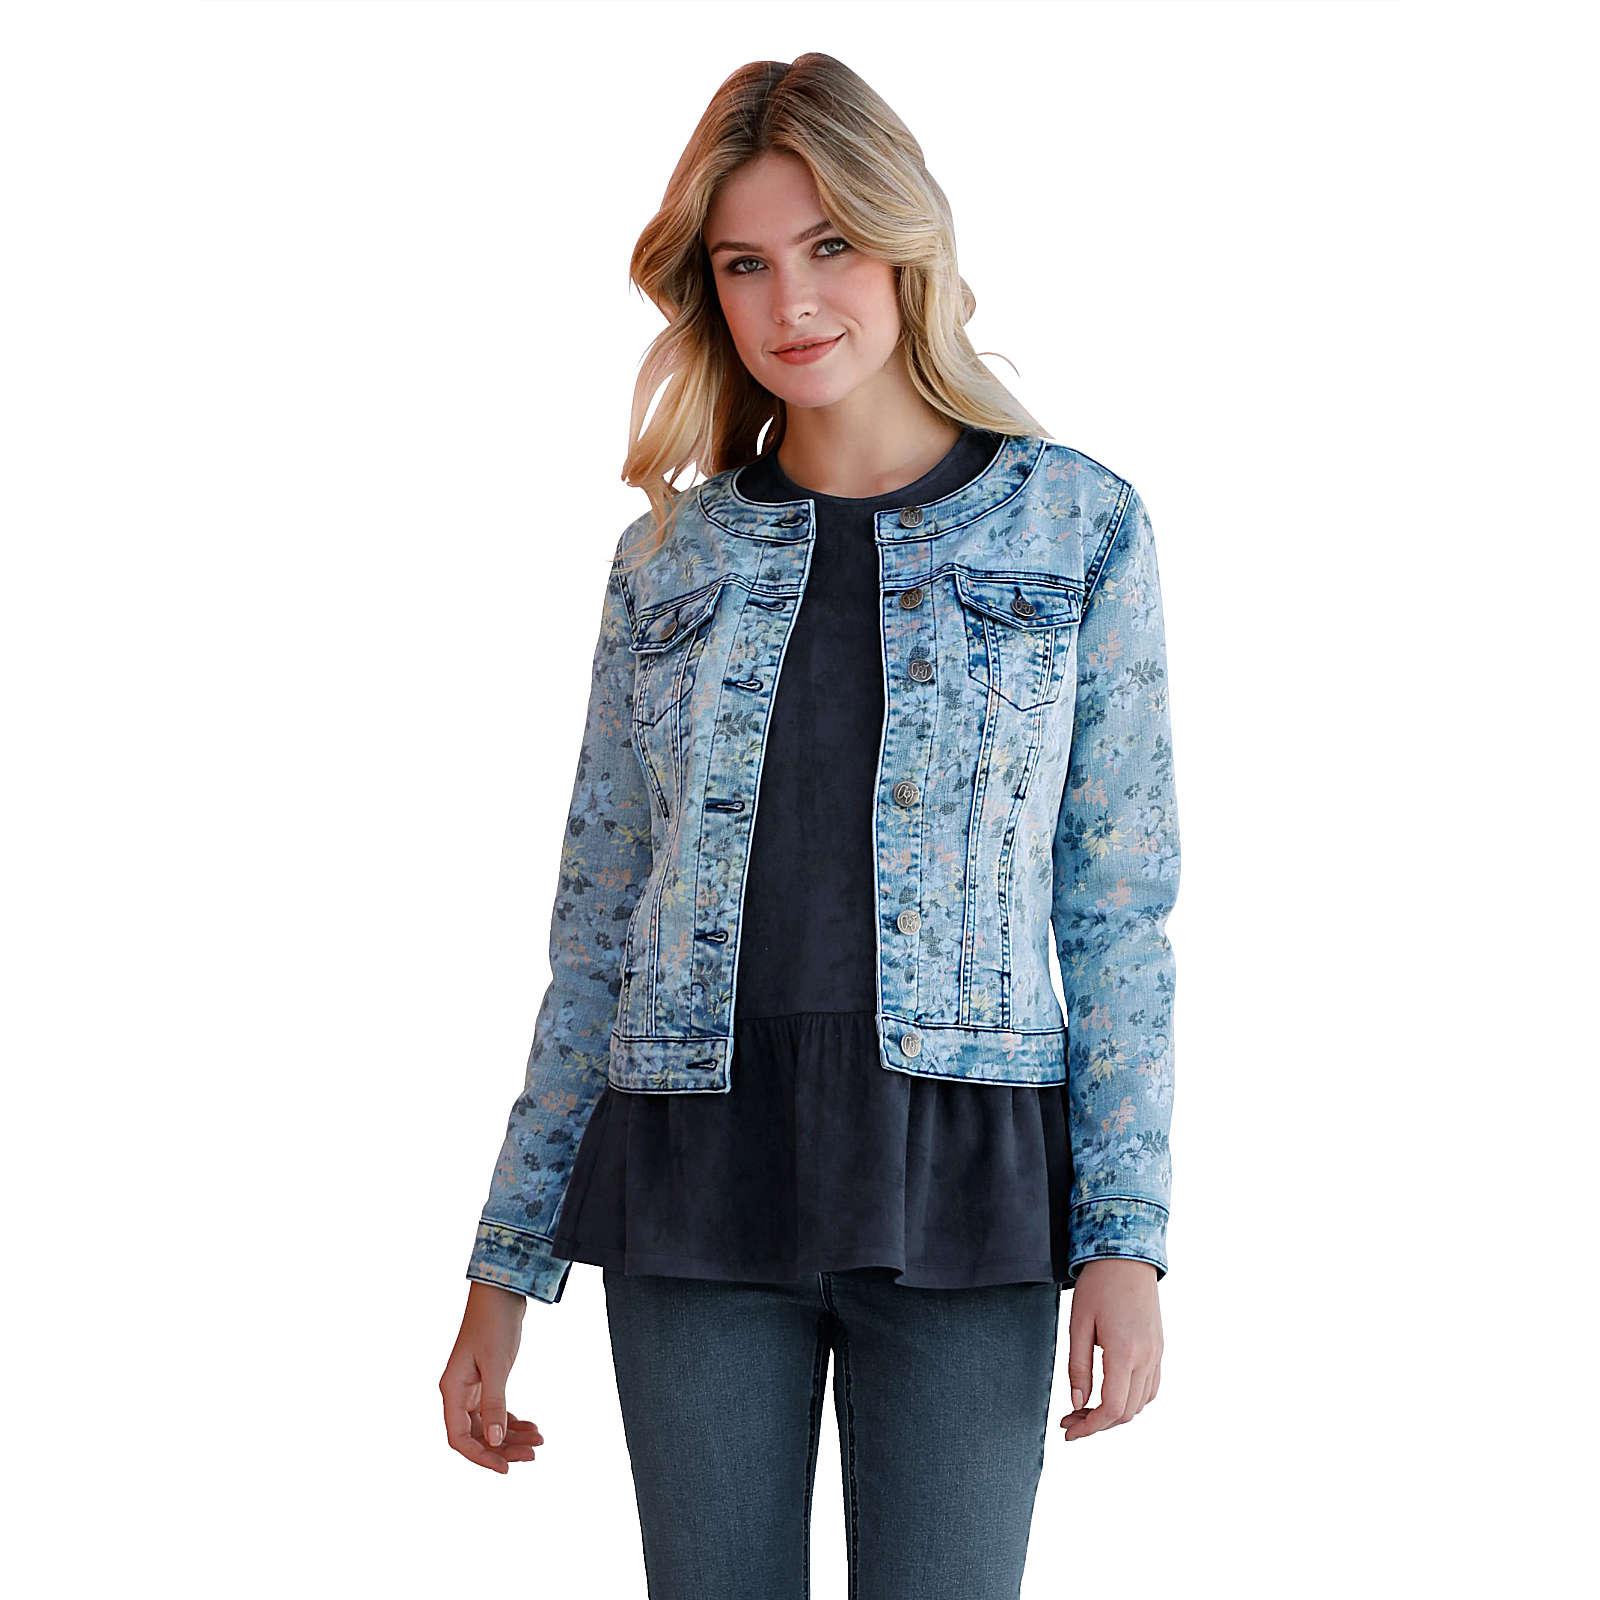 Amy Vermont Jeansjacke blau Damen Gr. 48